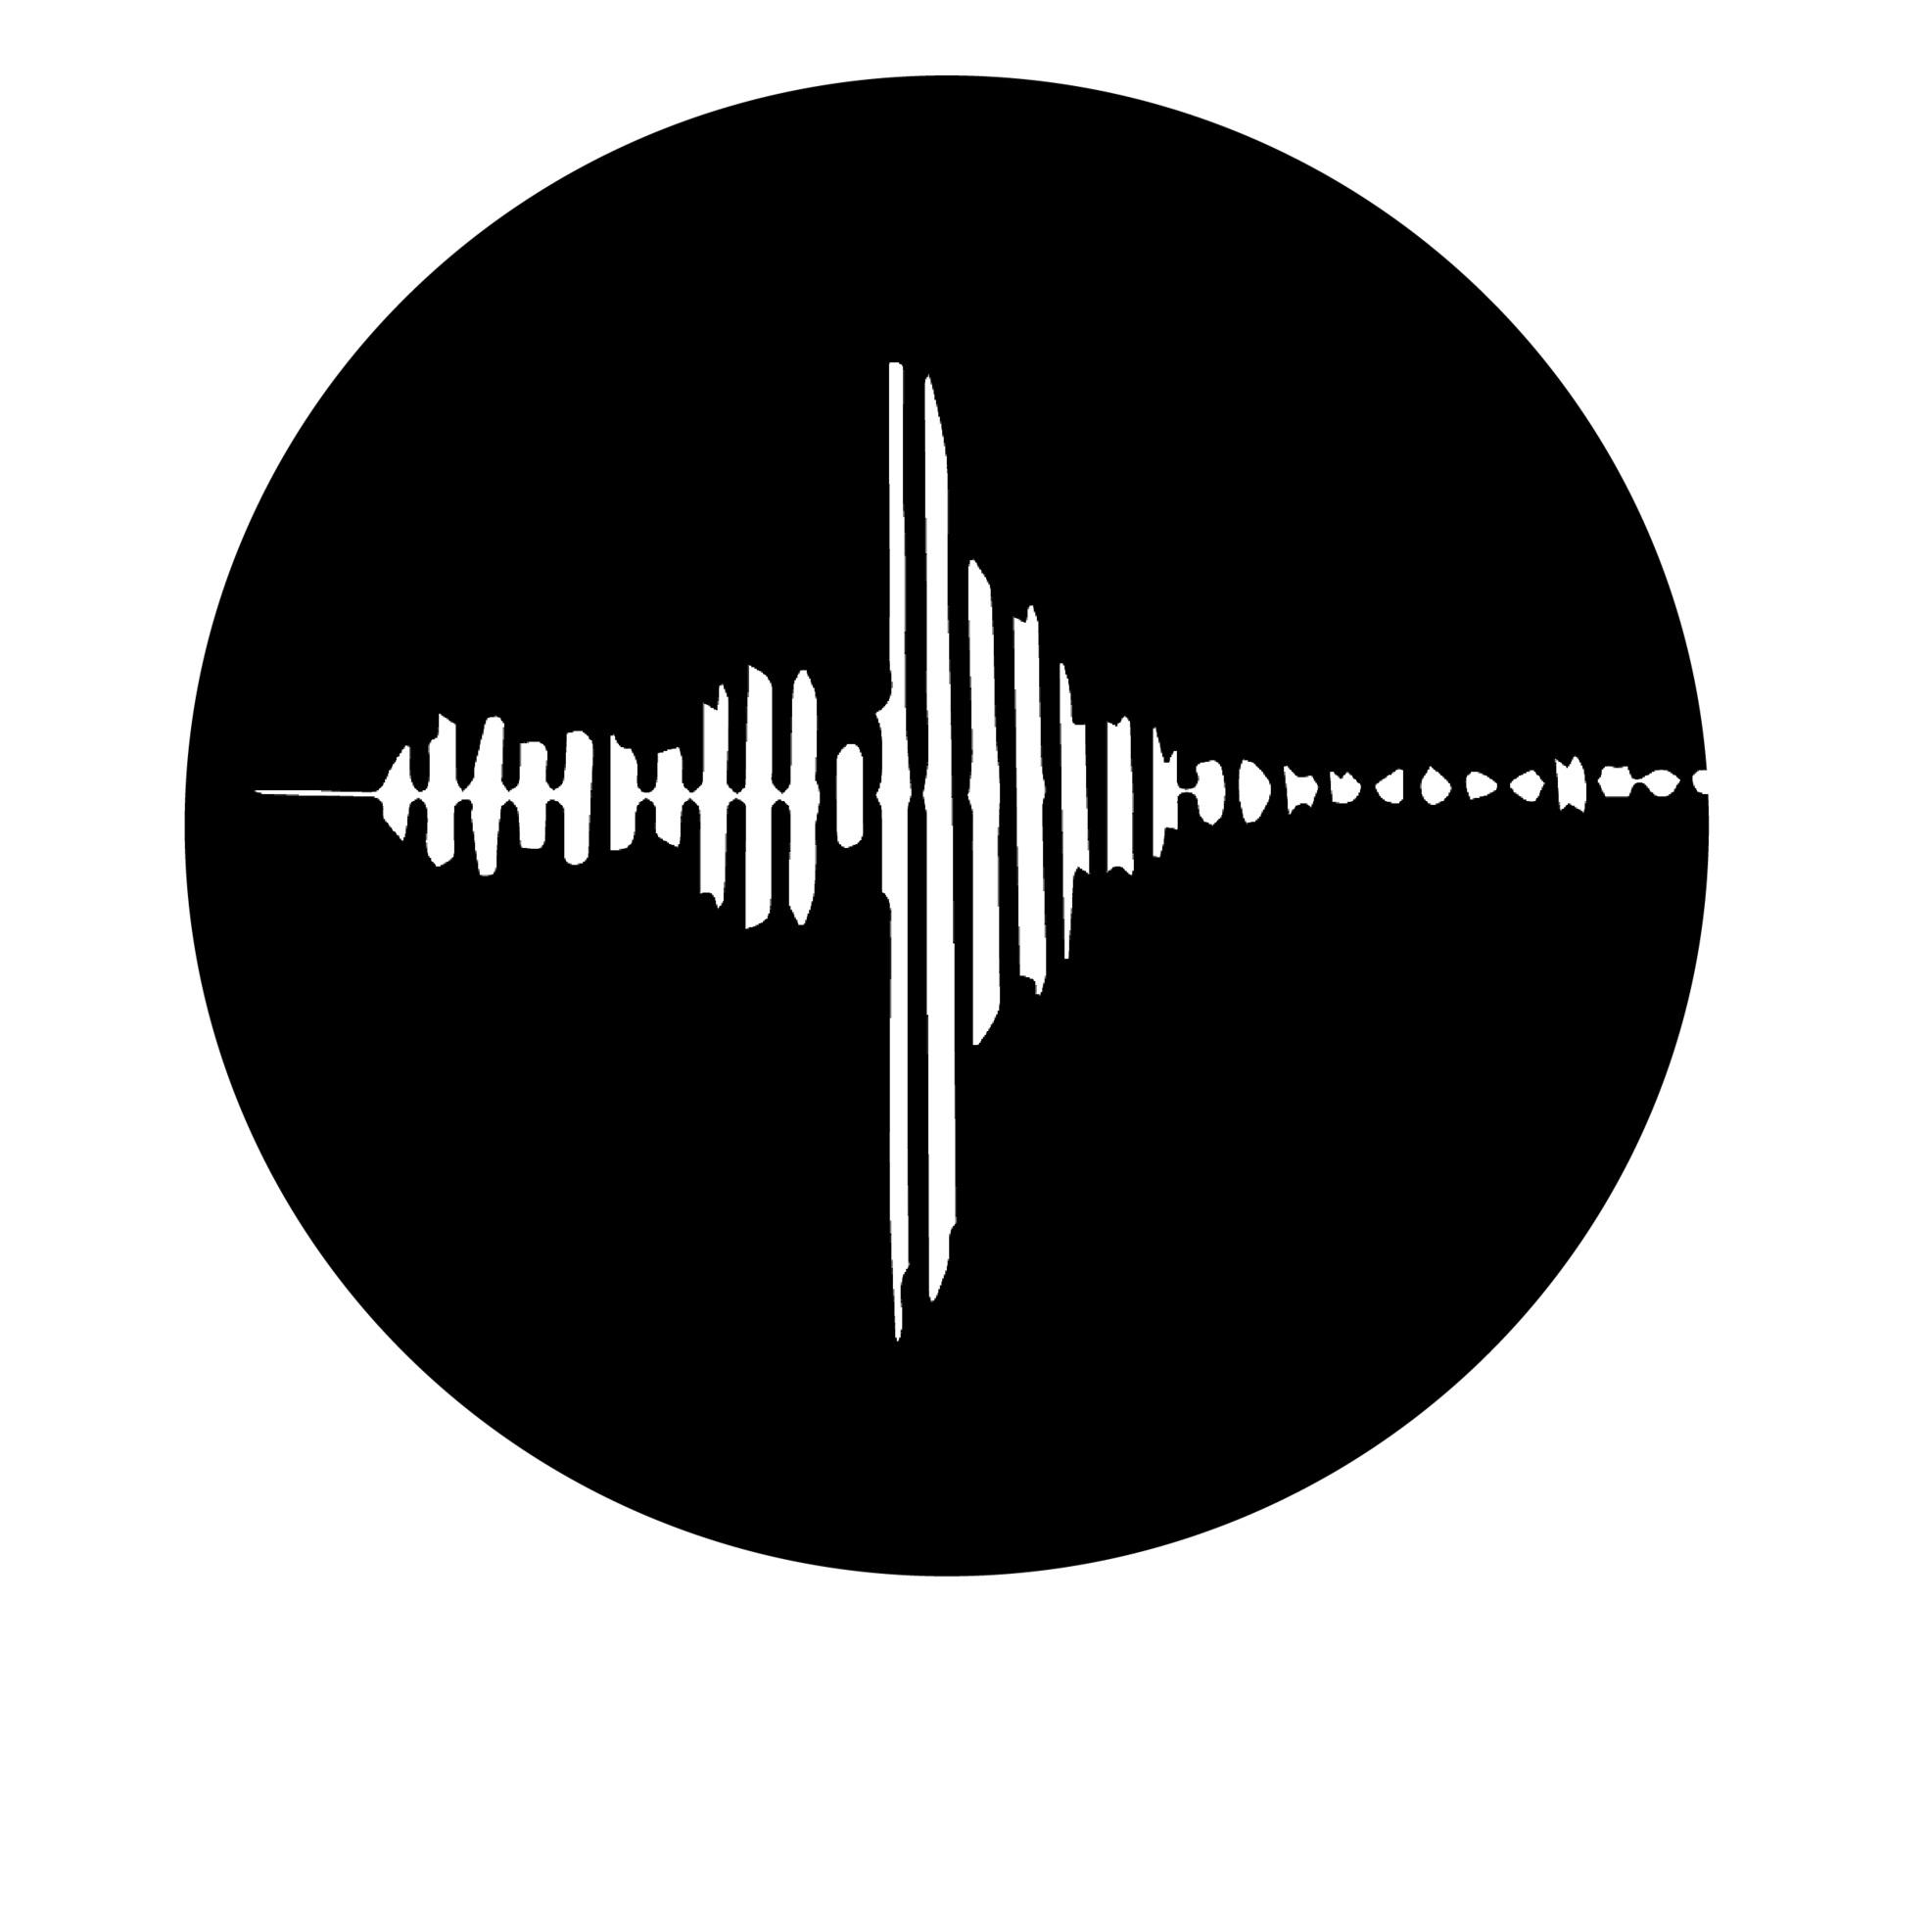 Circle+logo.jpg